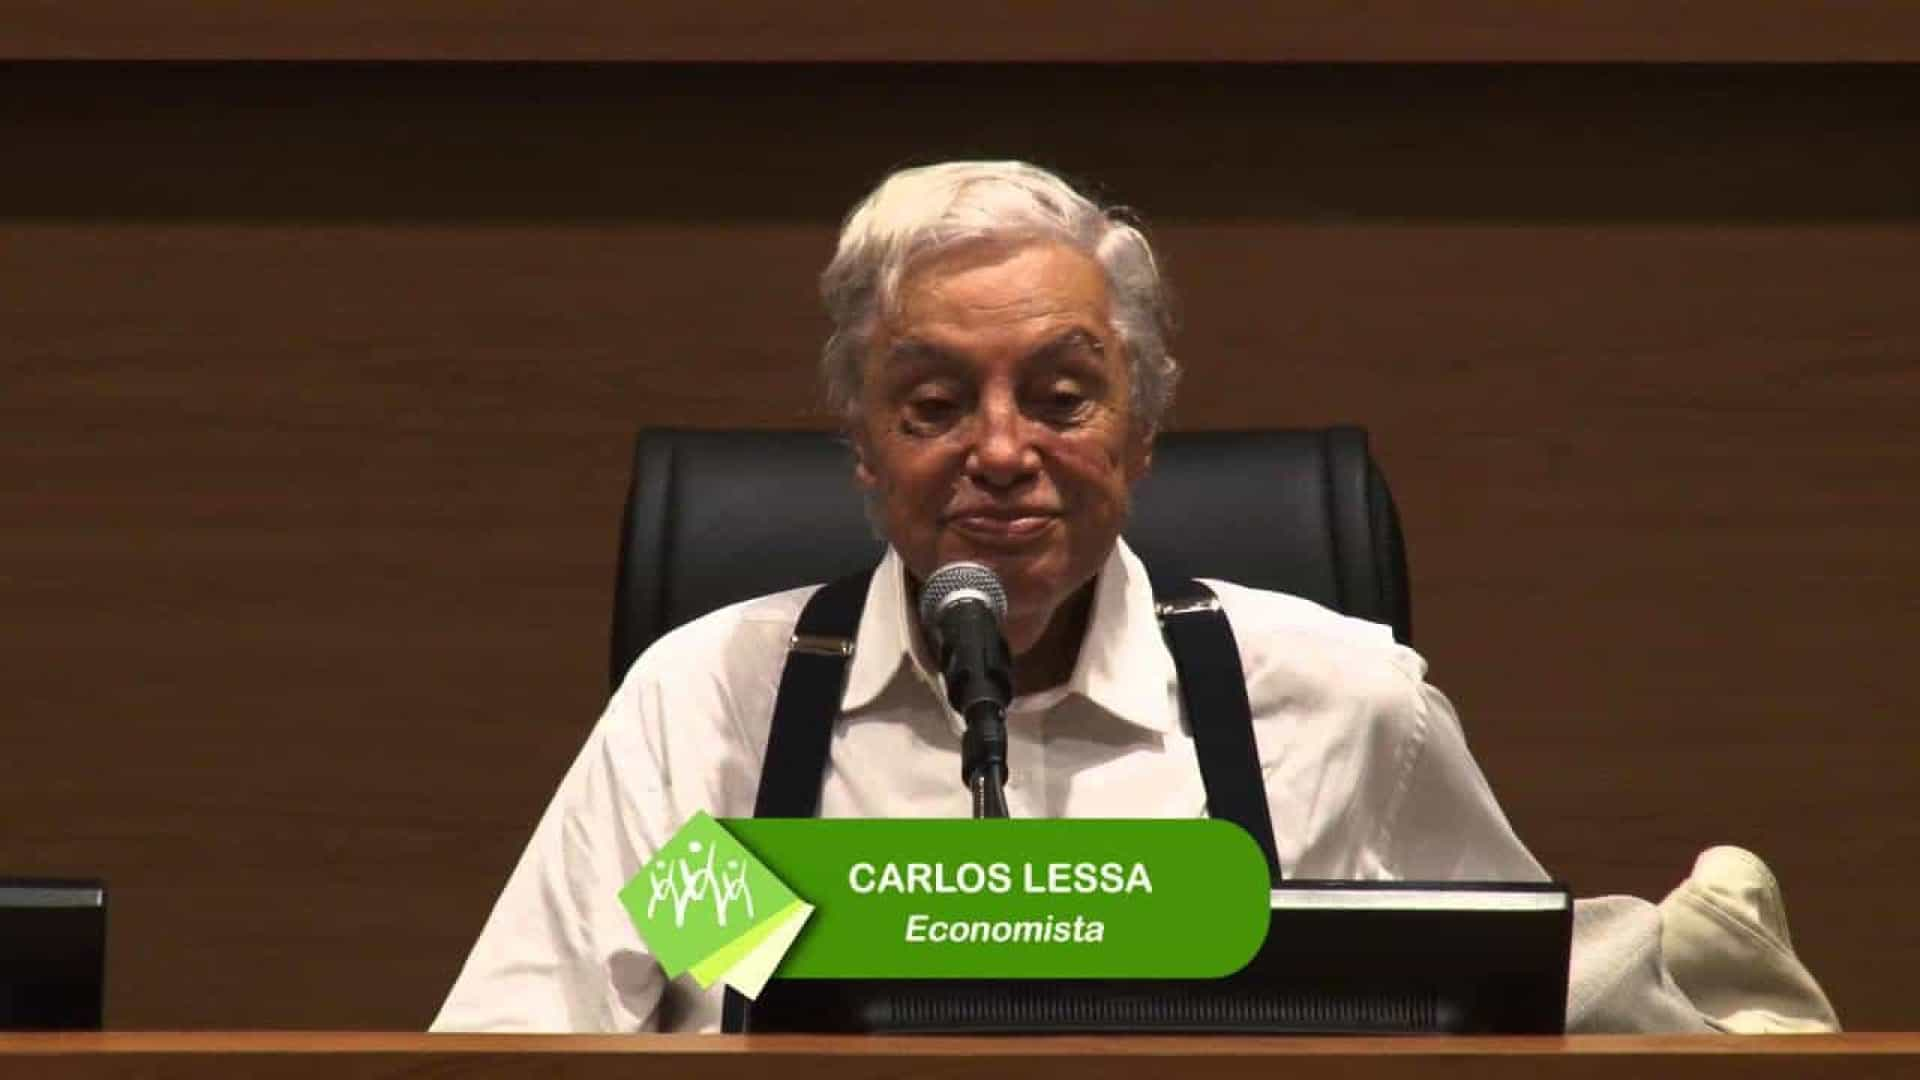 Morre o economista Carlos Lessa, ex-presidente do BNDES